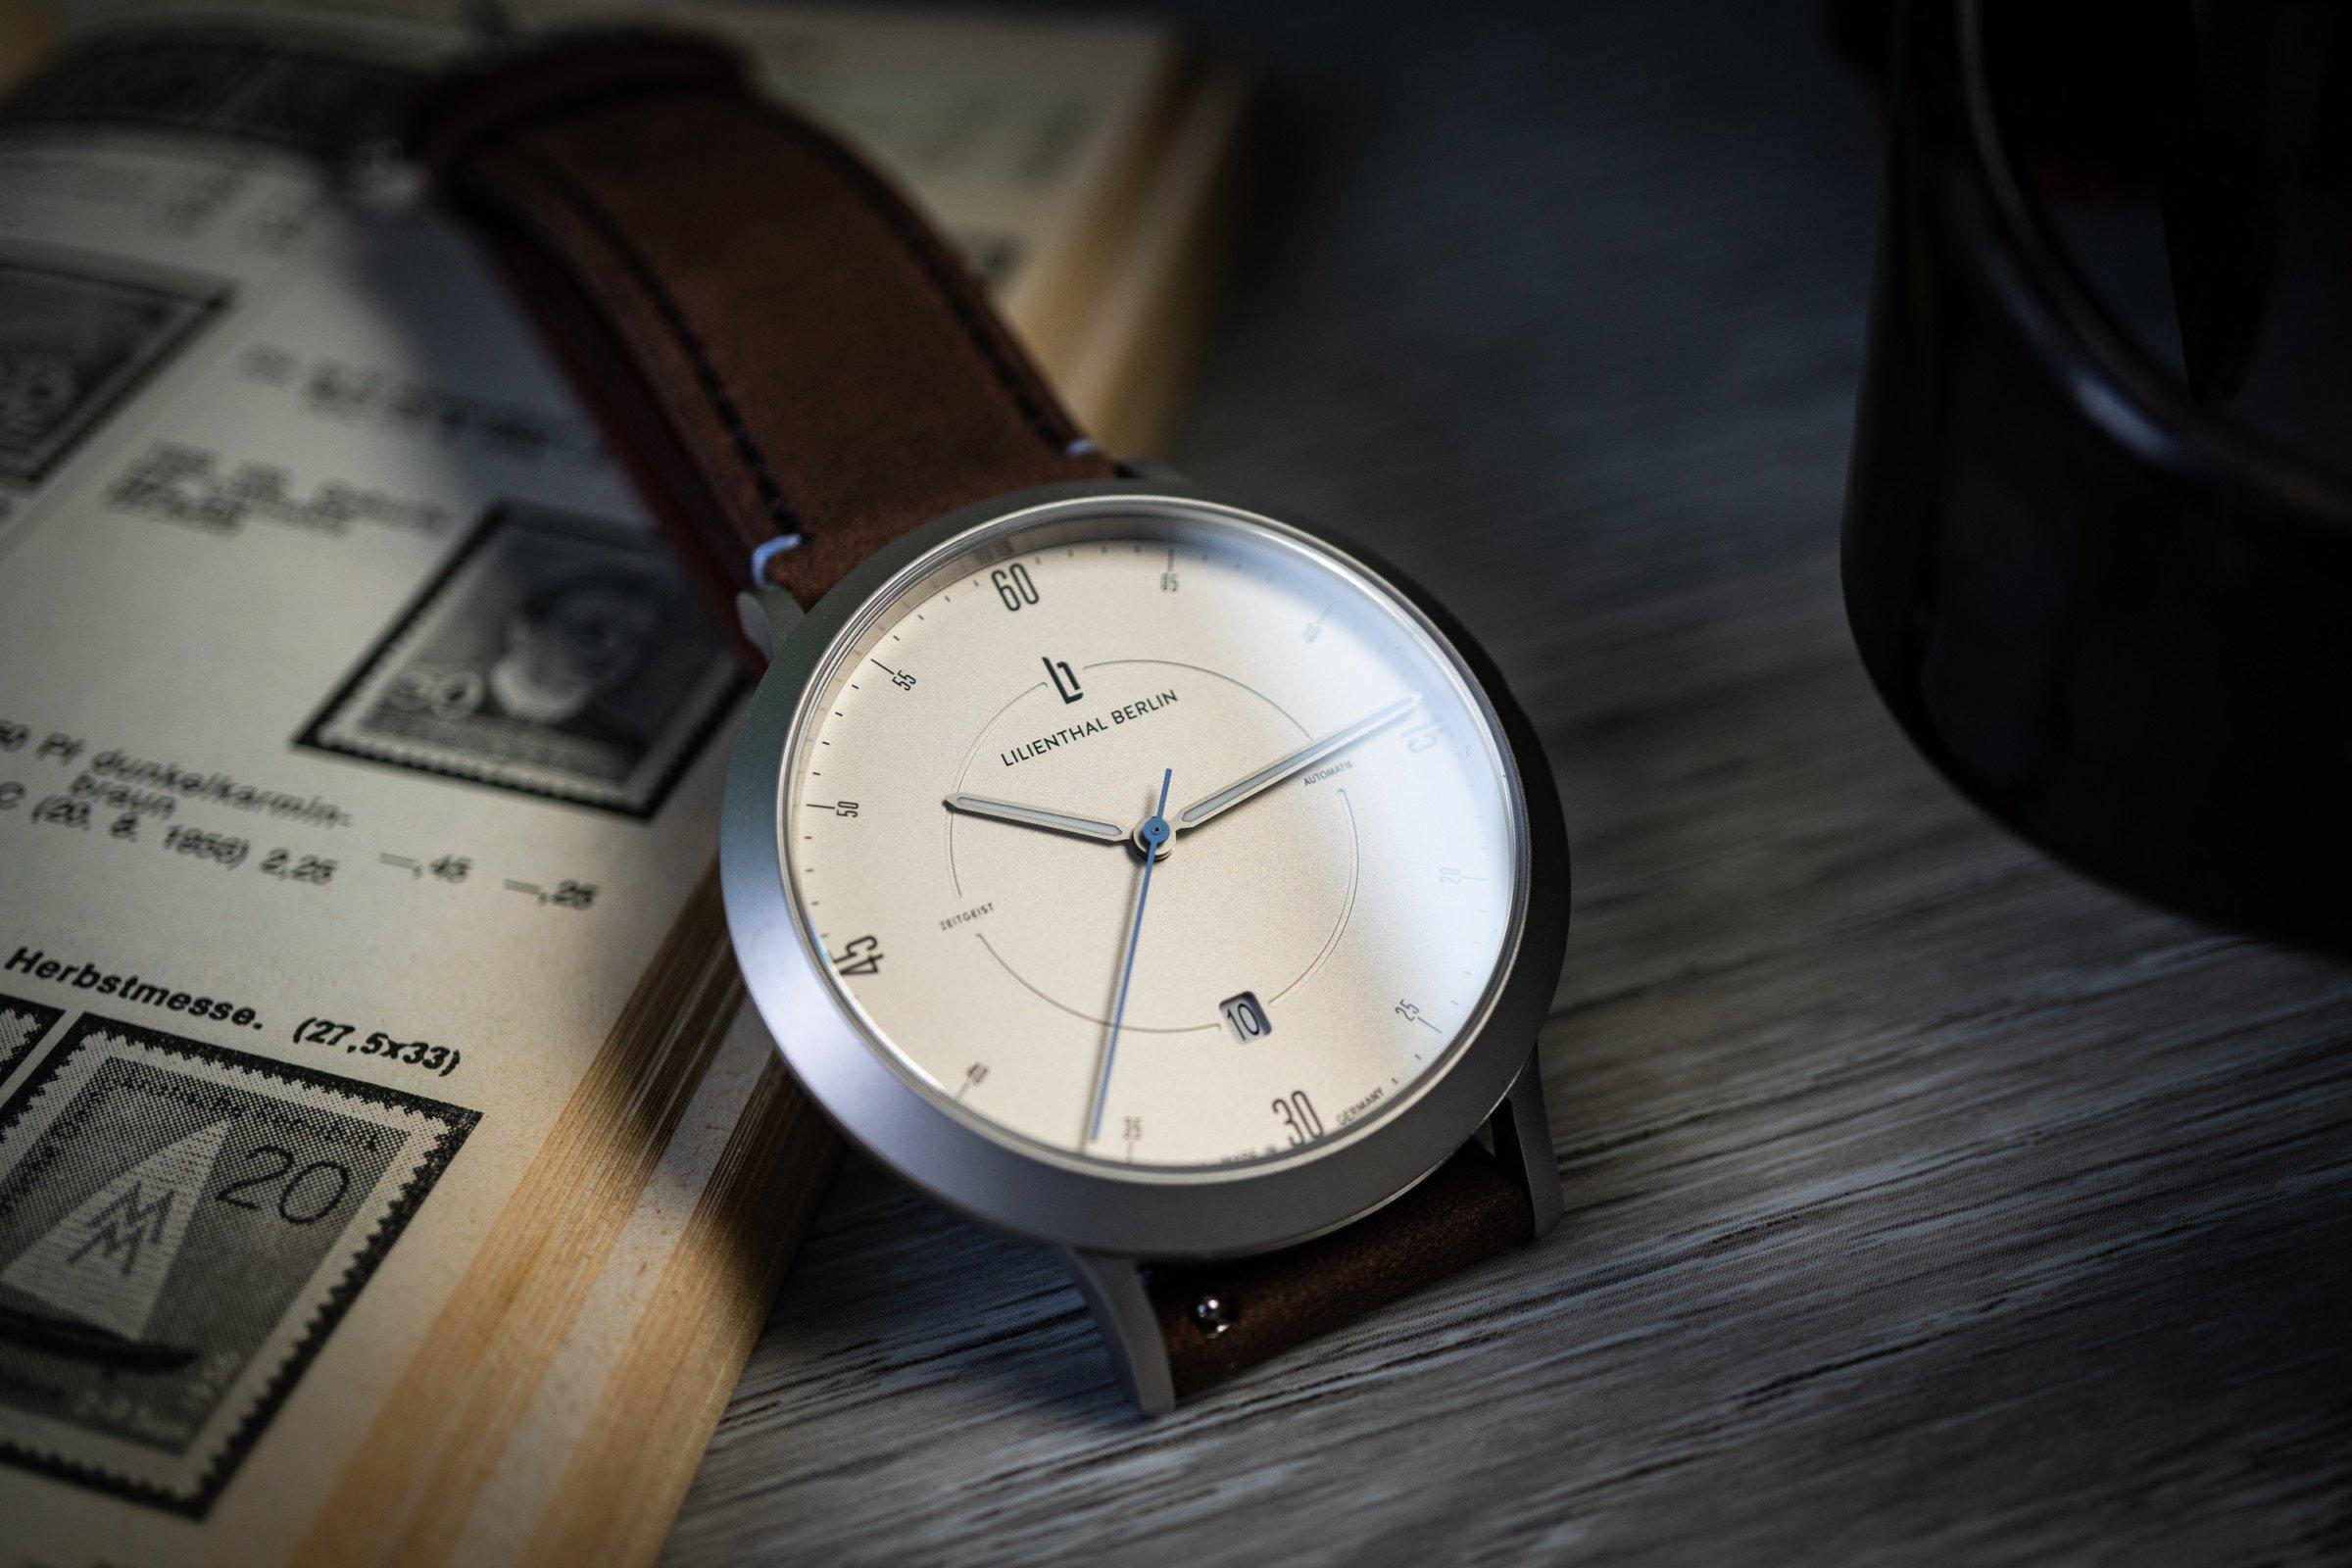 Lilienthal Berlin Zeitgeist Automatik-Uhr im Test